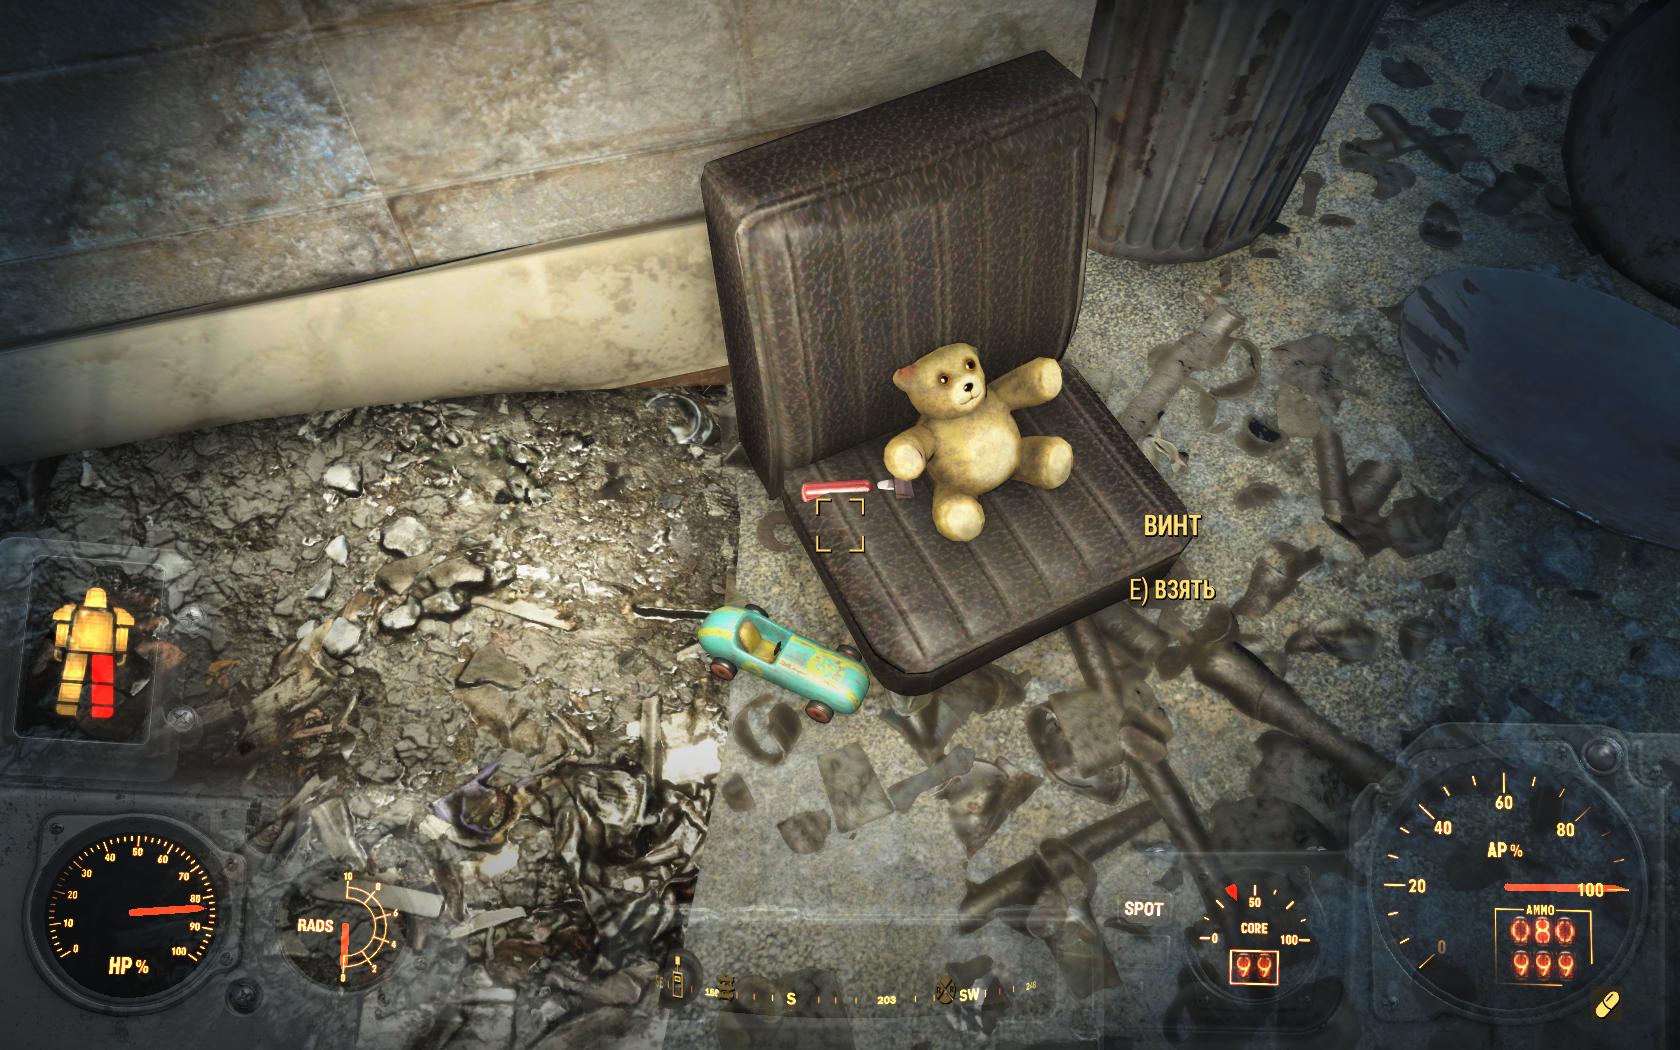 Мишка любит машинки и винты (у входа в Лейтон тауэрс) - Fallout 4 винт, Лейтон, тауэрс